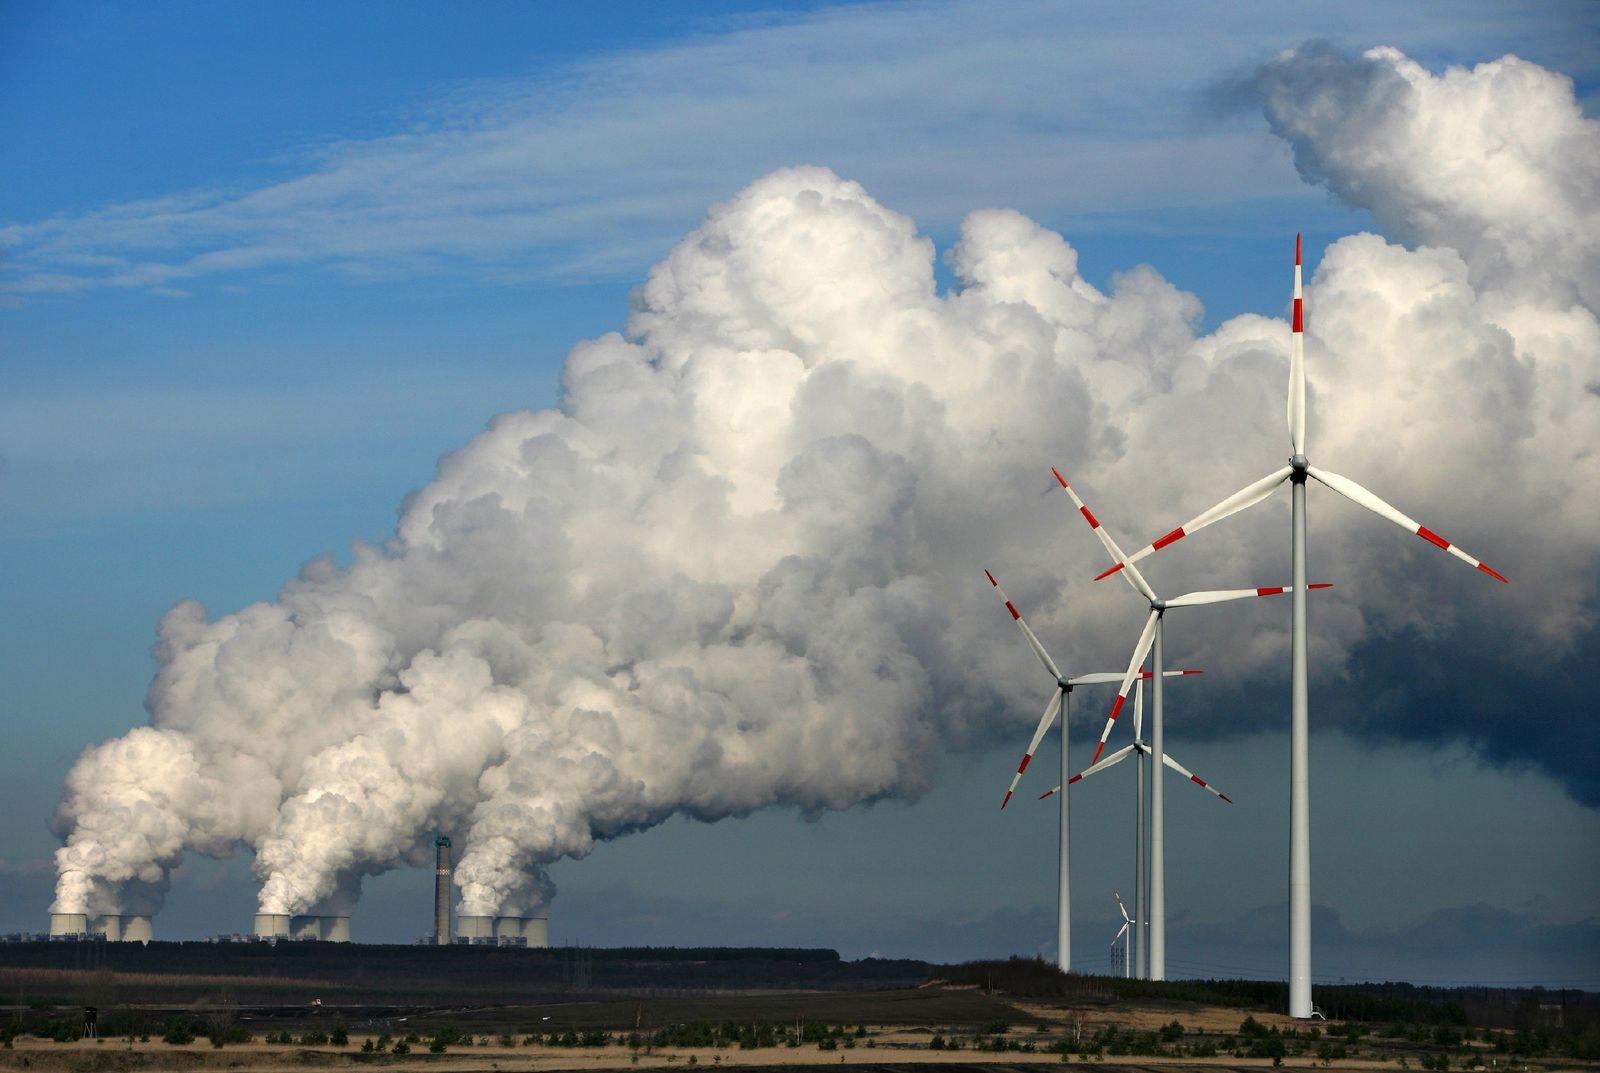 Windräder / Braunkohlekraftwerk / Energie / Umwelt Chronik 2009 Klima #8